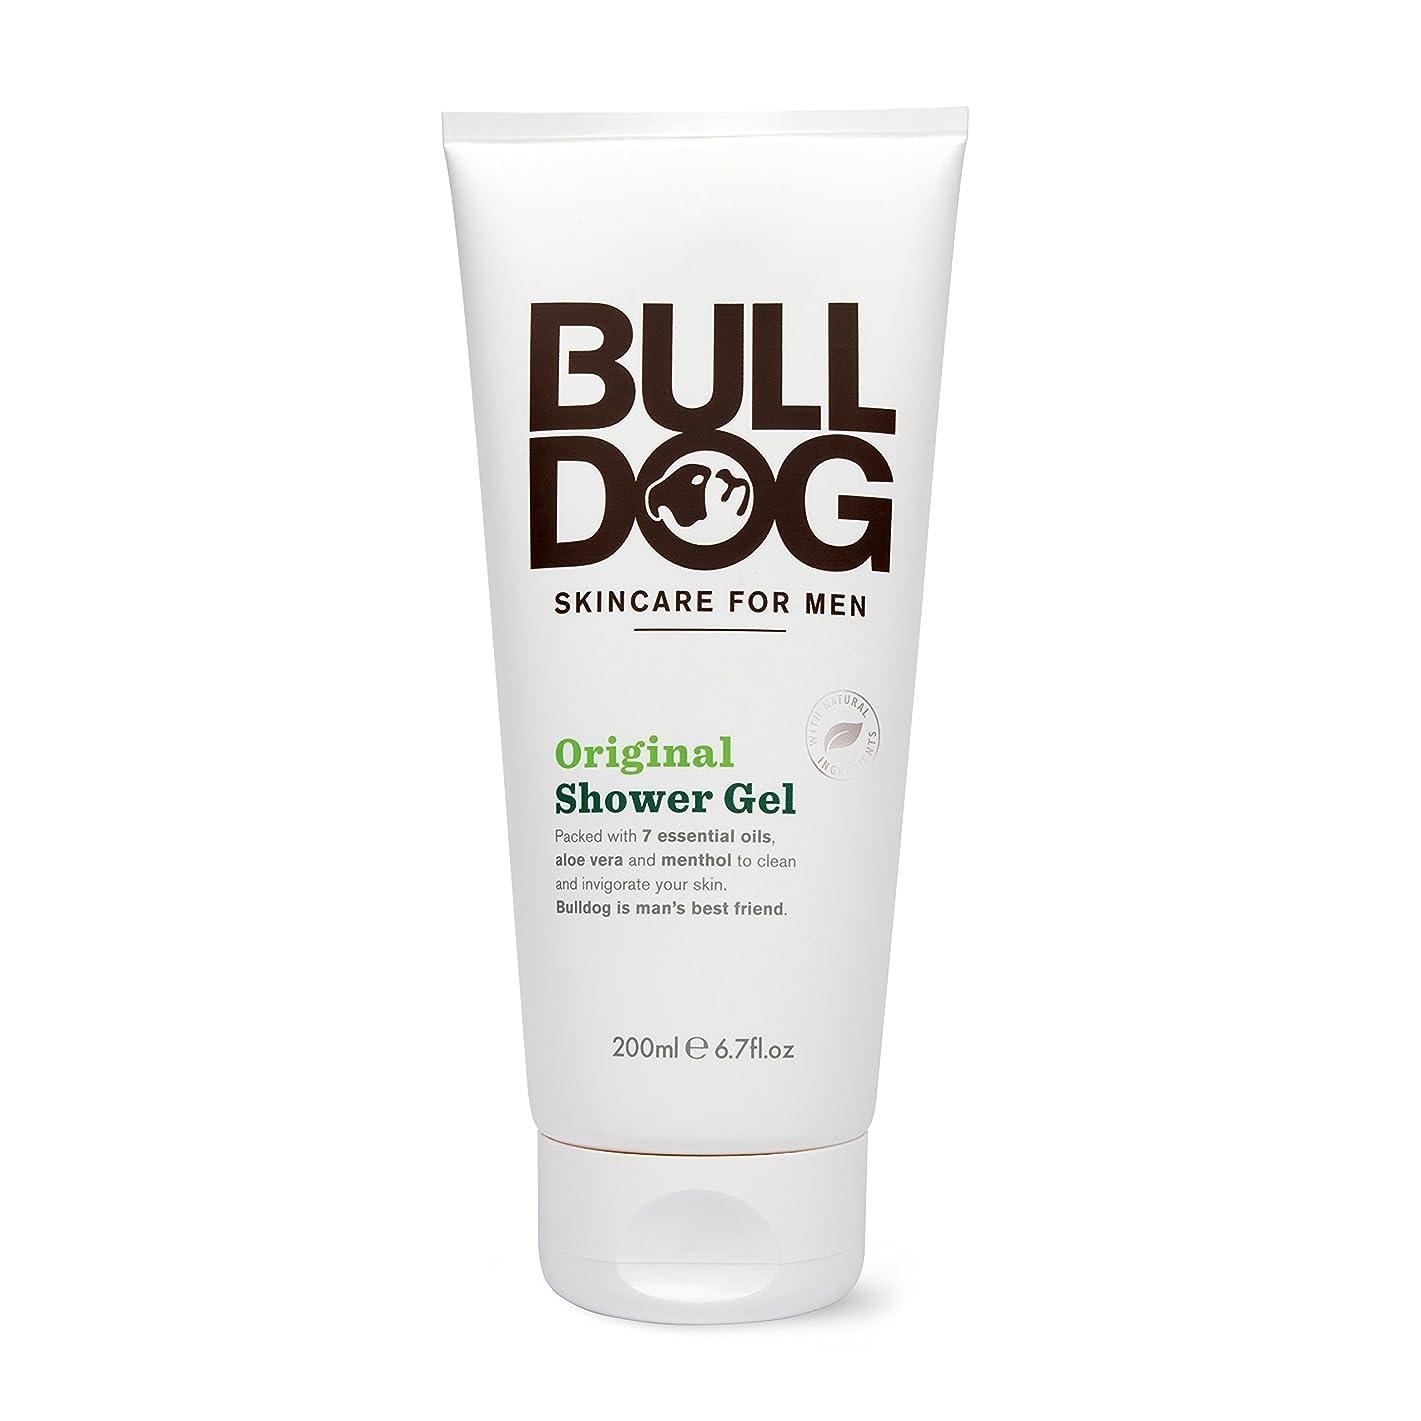 事件、出来事登録するプロポーショナルブルドッグ Bulldog オリジナル シャワージェル(ボディ用洗浄料) 200mL